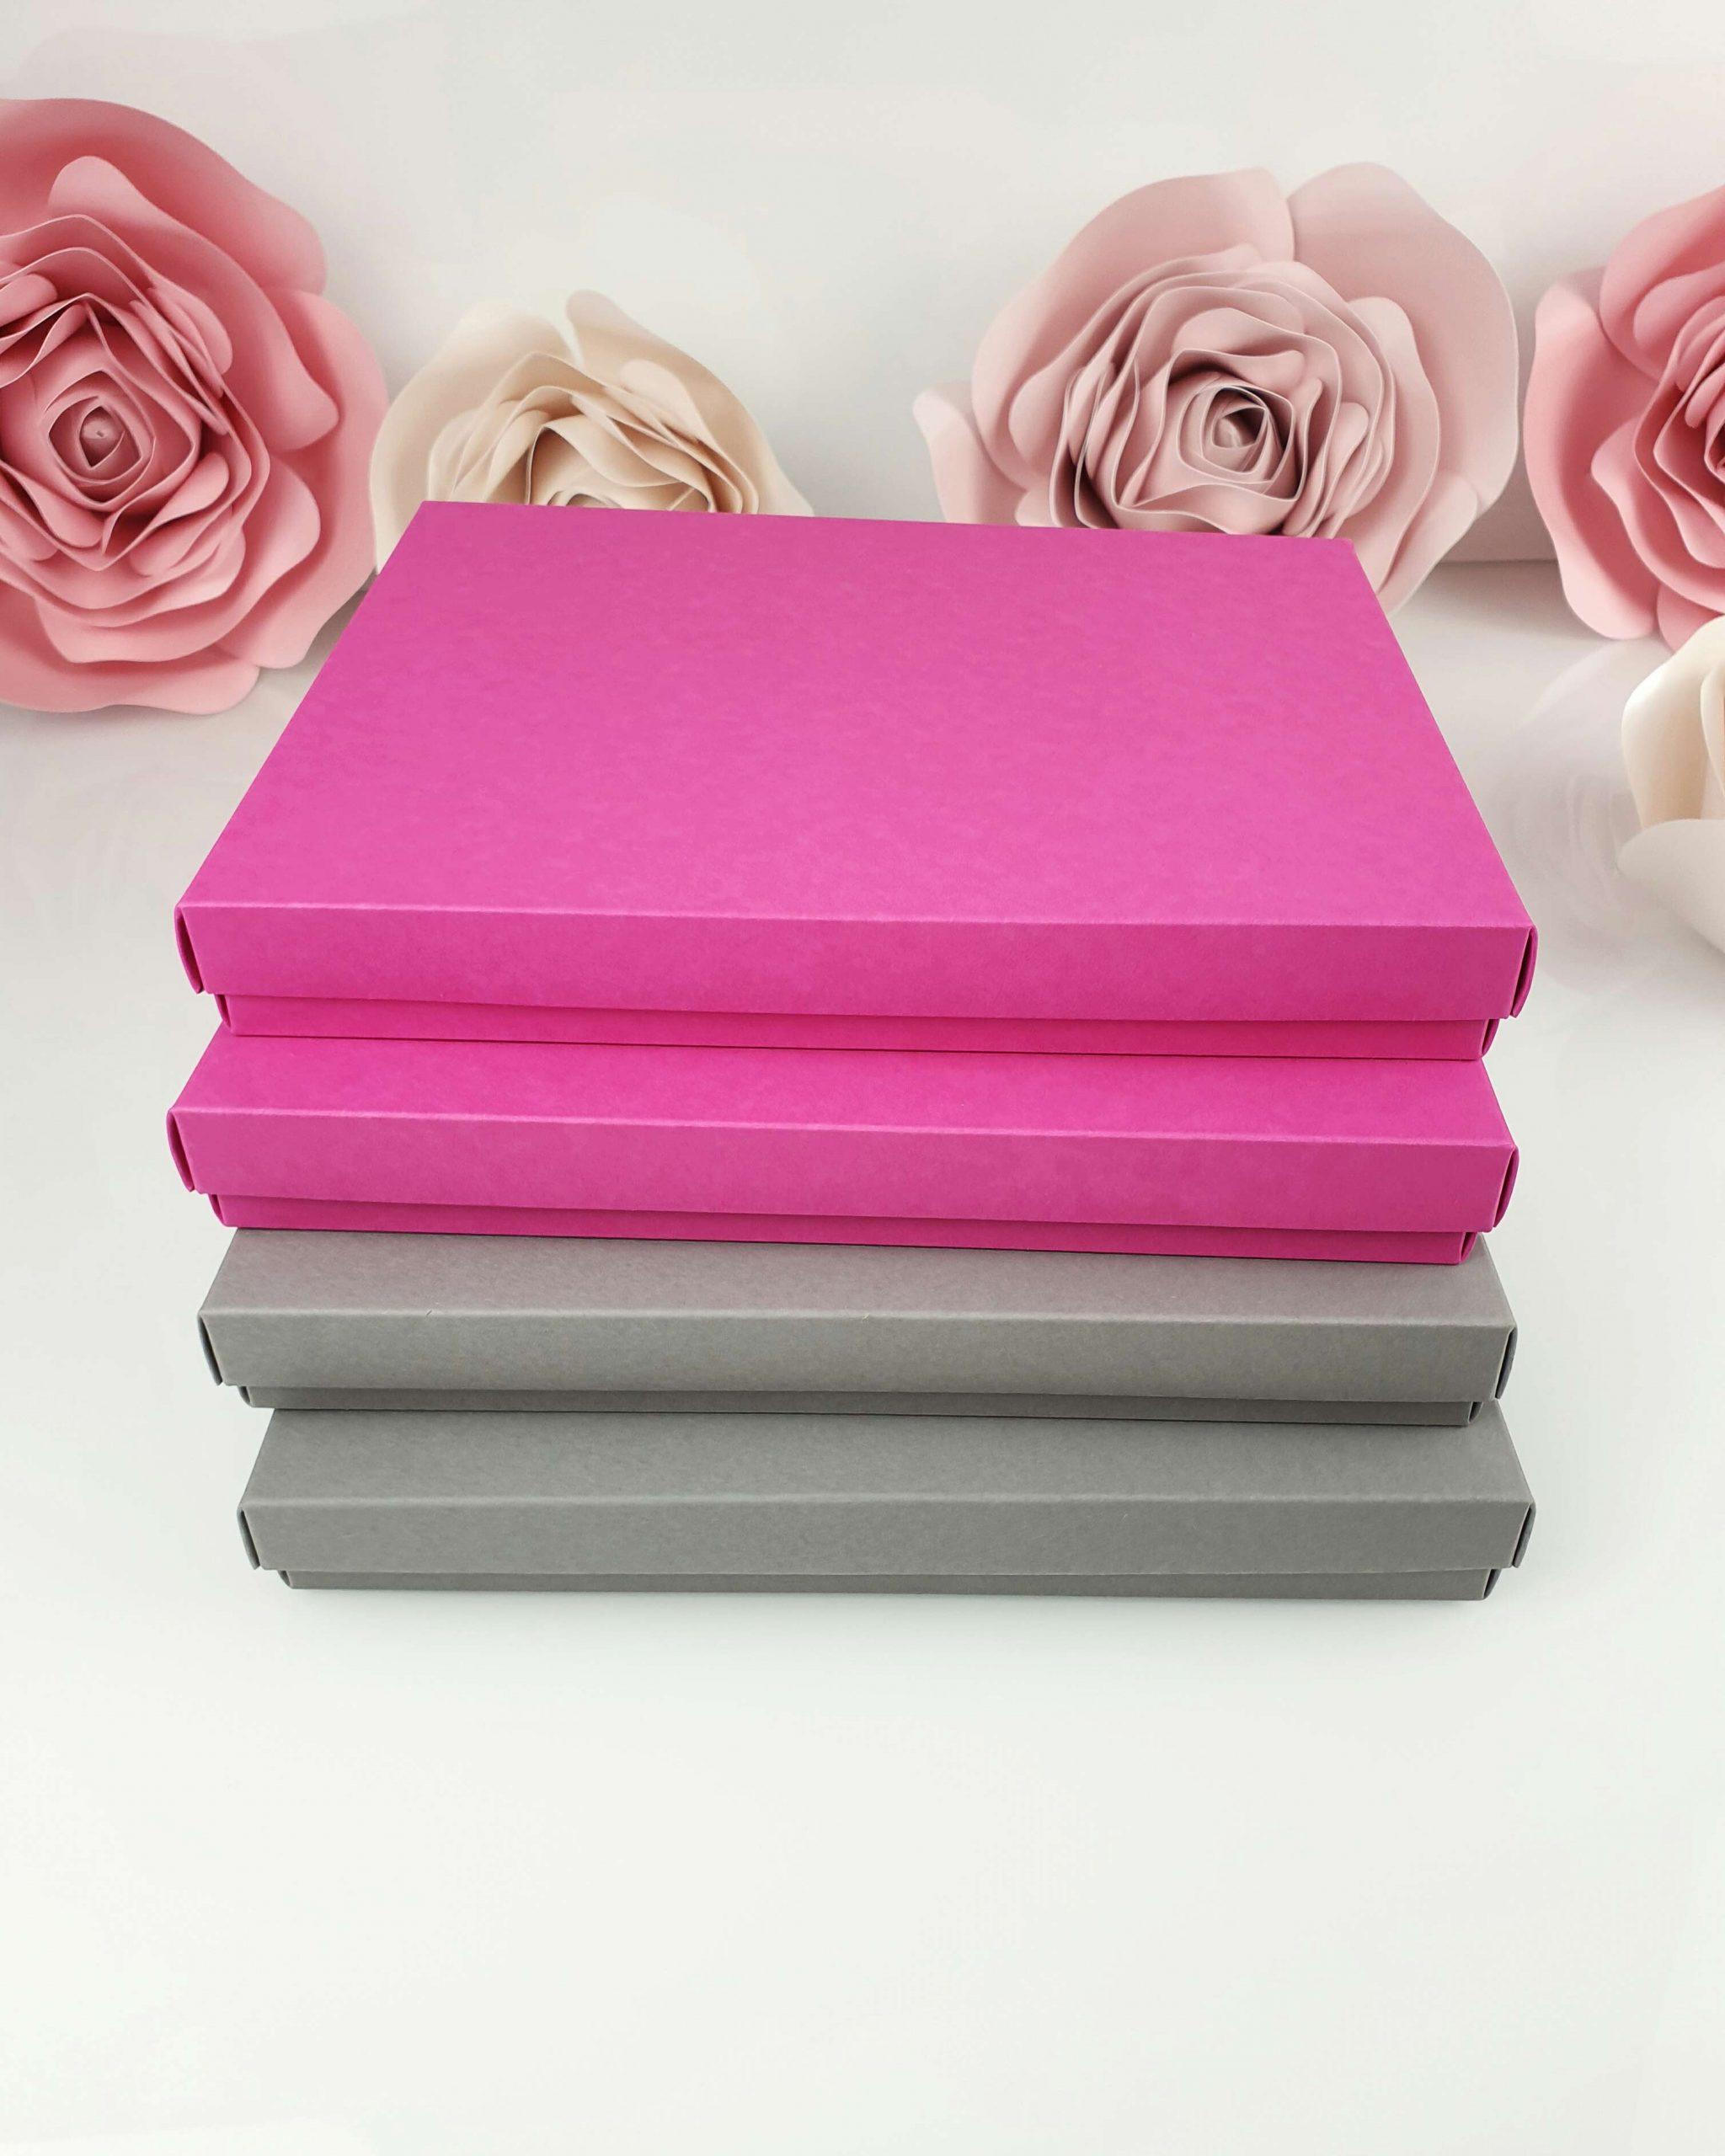 Etui różowe z wkładką stabilizującą do tafli A5 dodatki 5